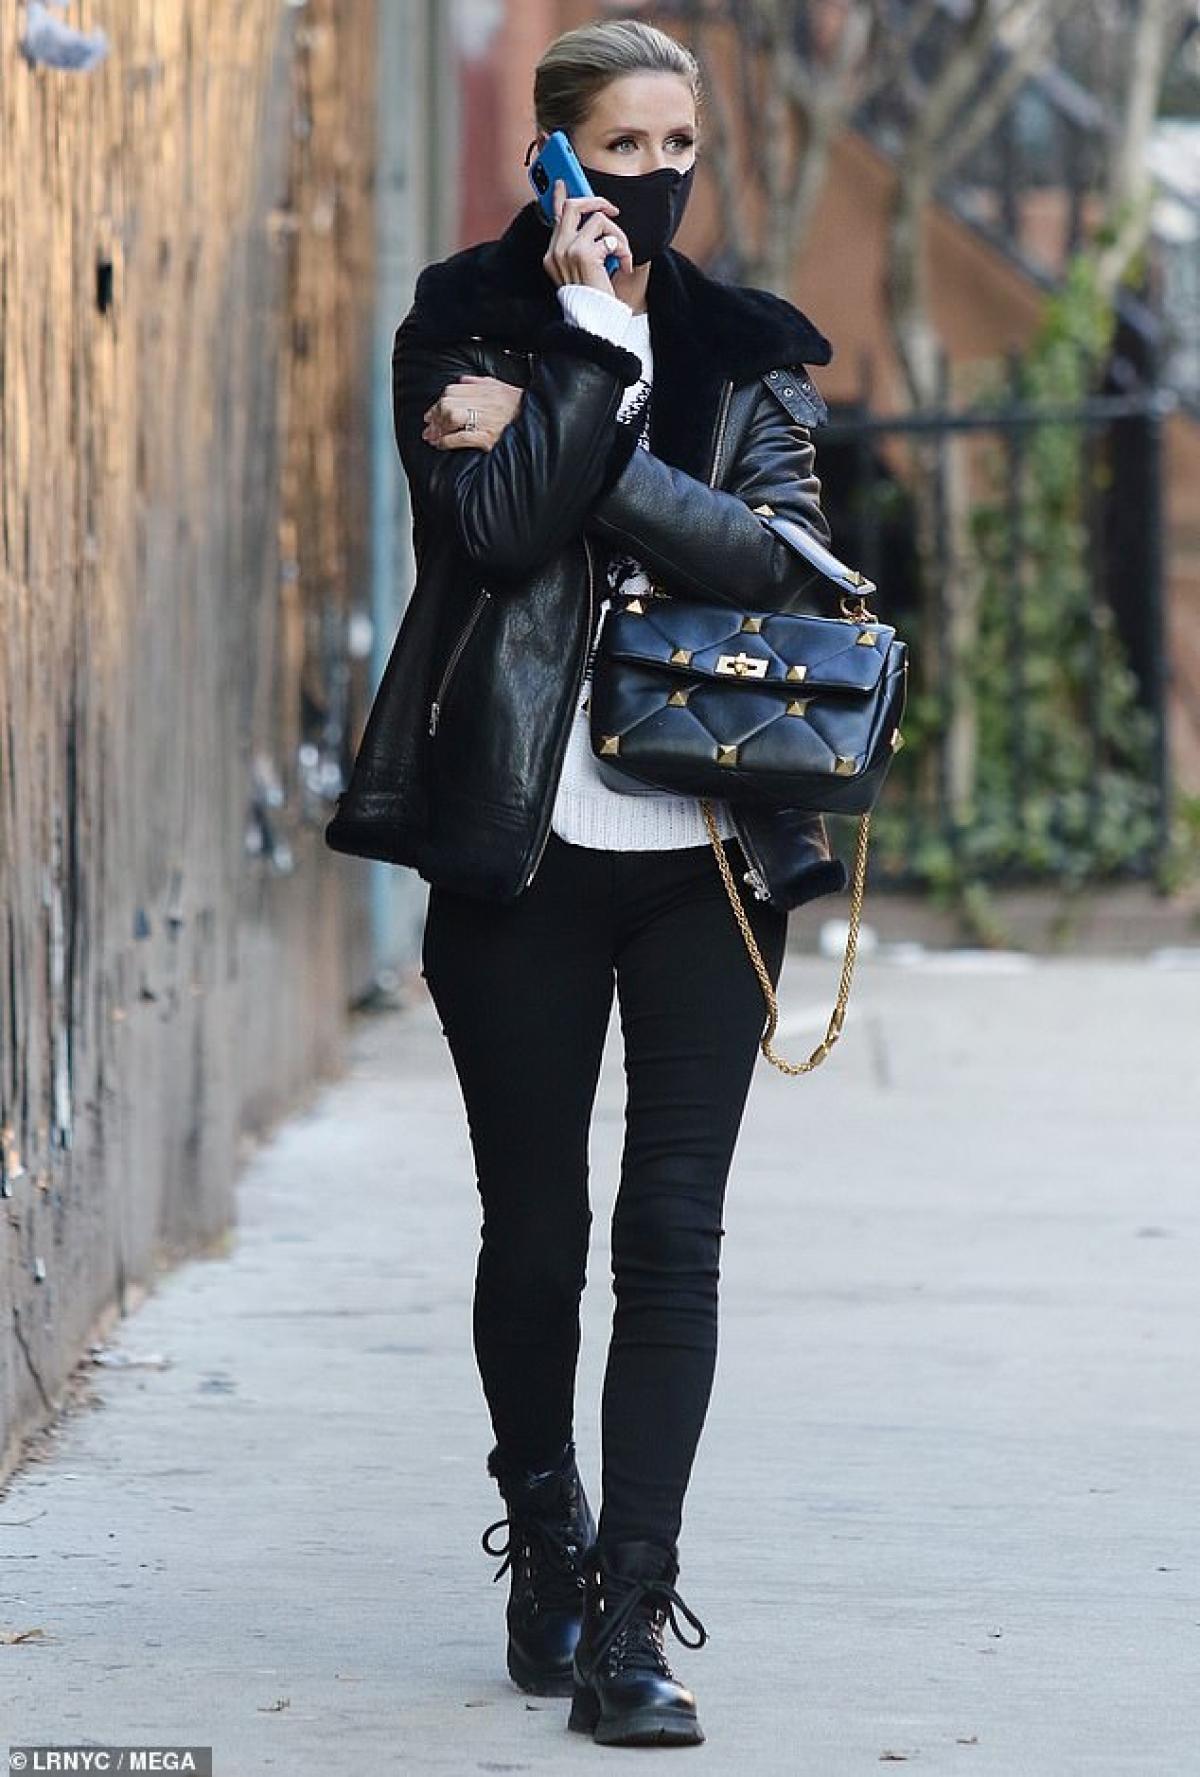 Em gái Paris Hilton diện hàng hiệu và cầm theo chiếc túi xách sang chảnh.